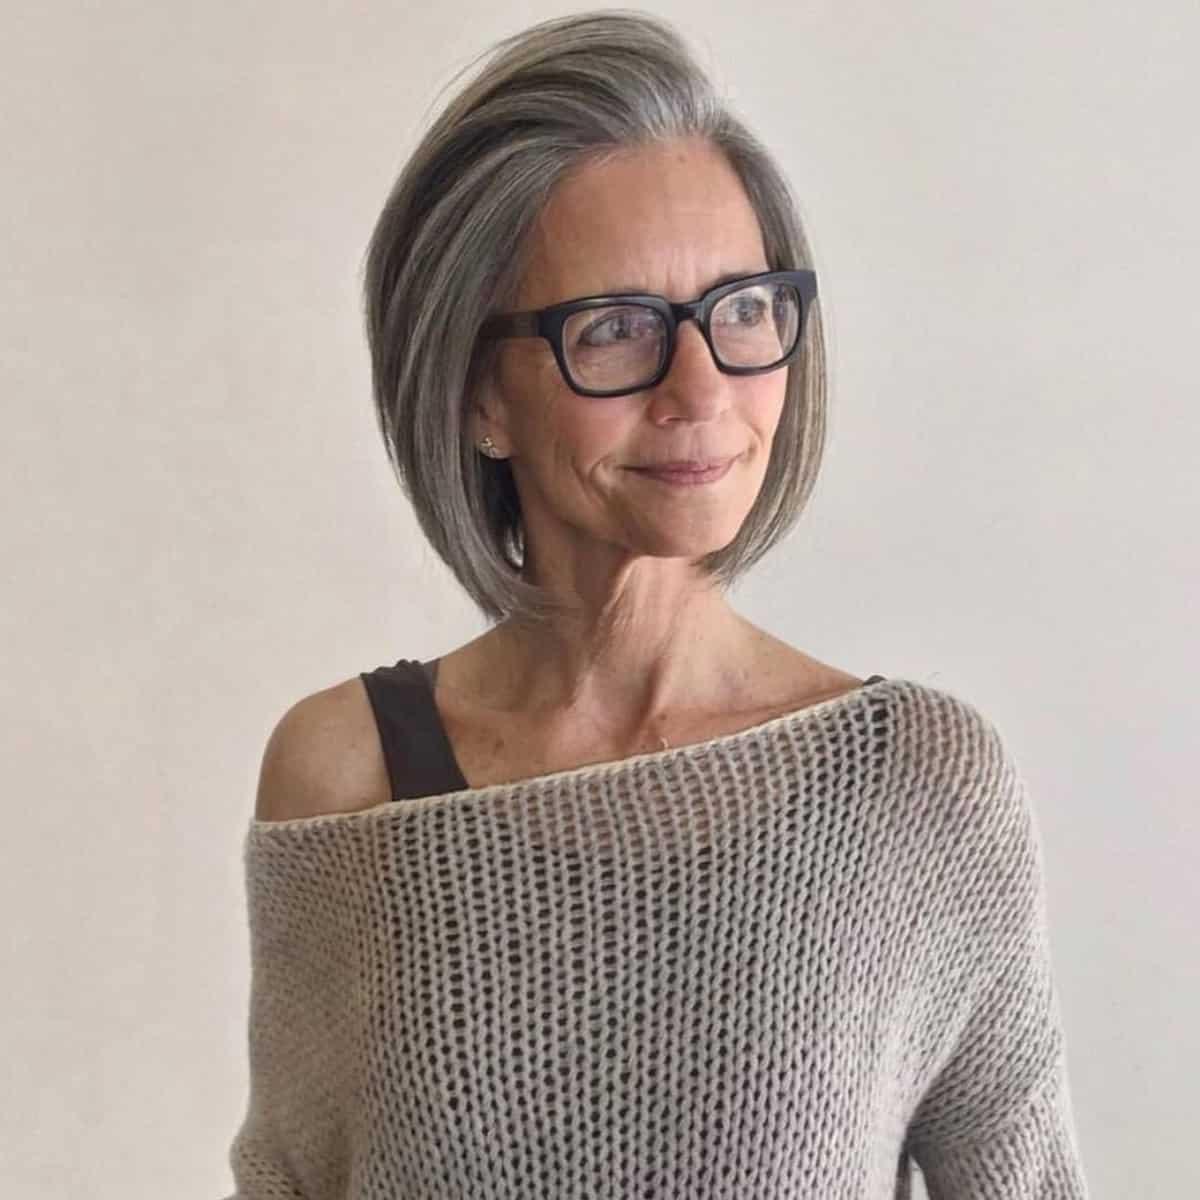 Bob à cheveux gris courts pour femmes âgées à lunettes